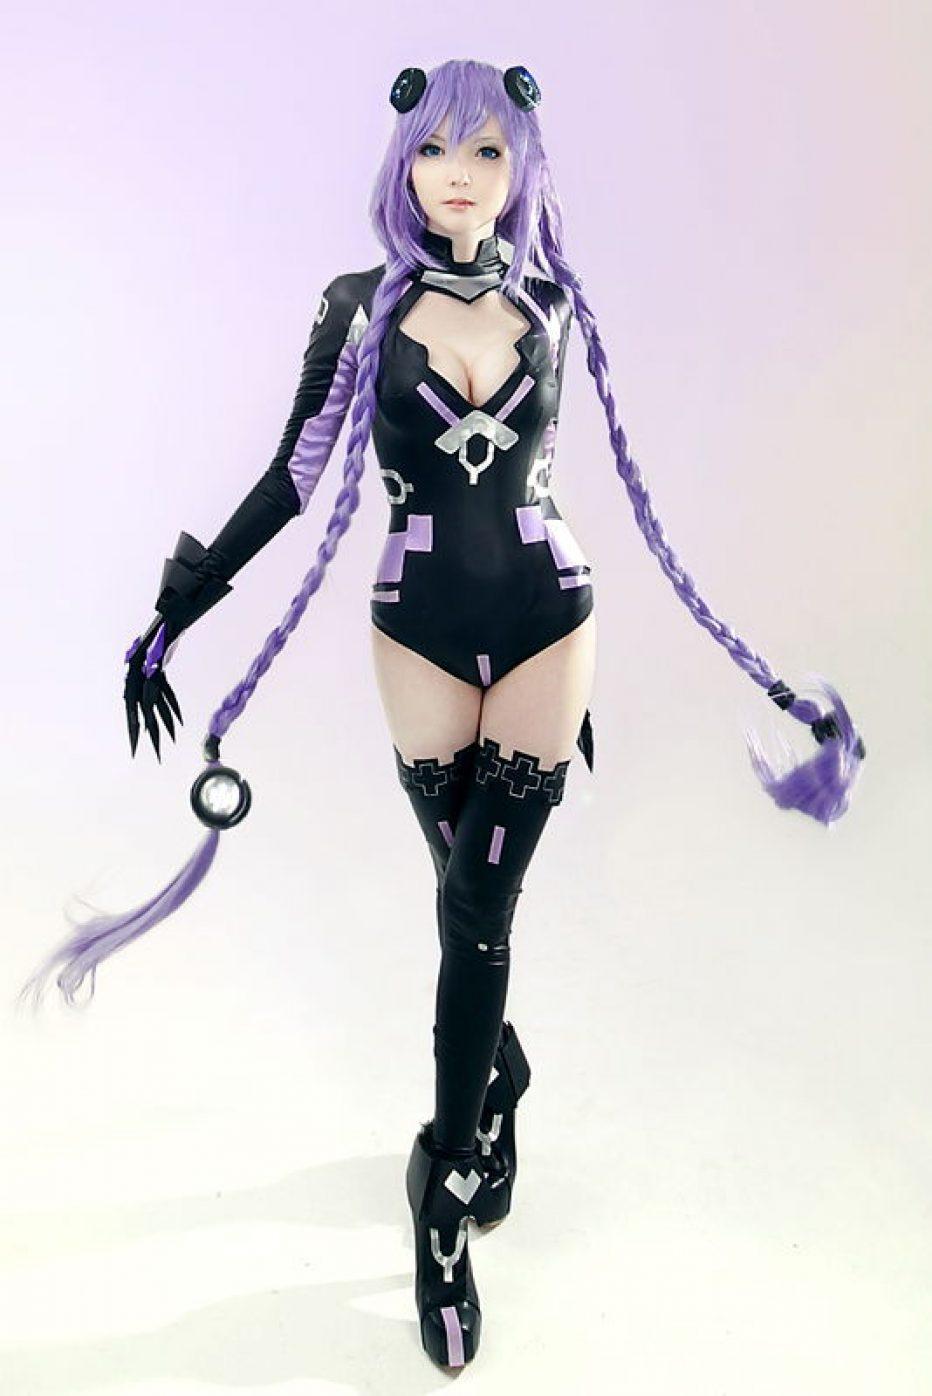 Hyperdimension-Neptunia-Purple-Heart-Cosplay-Gamers-Heroes-5.jpg